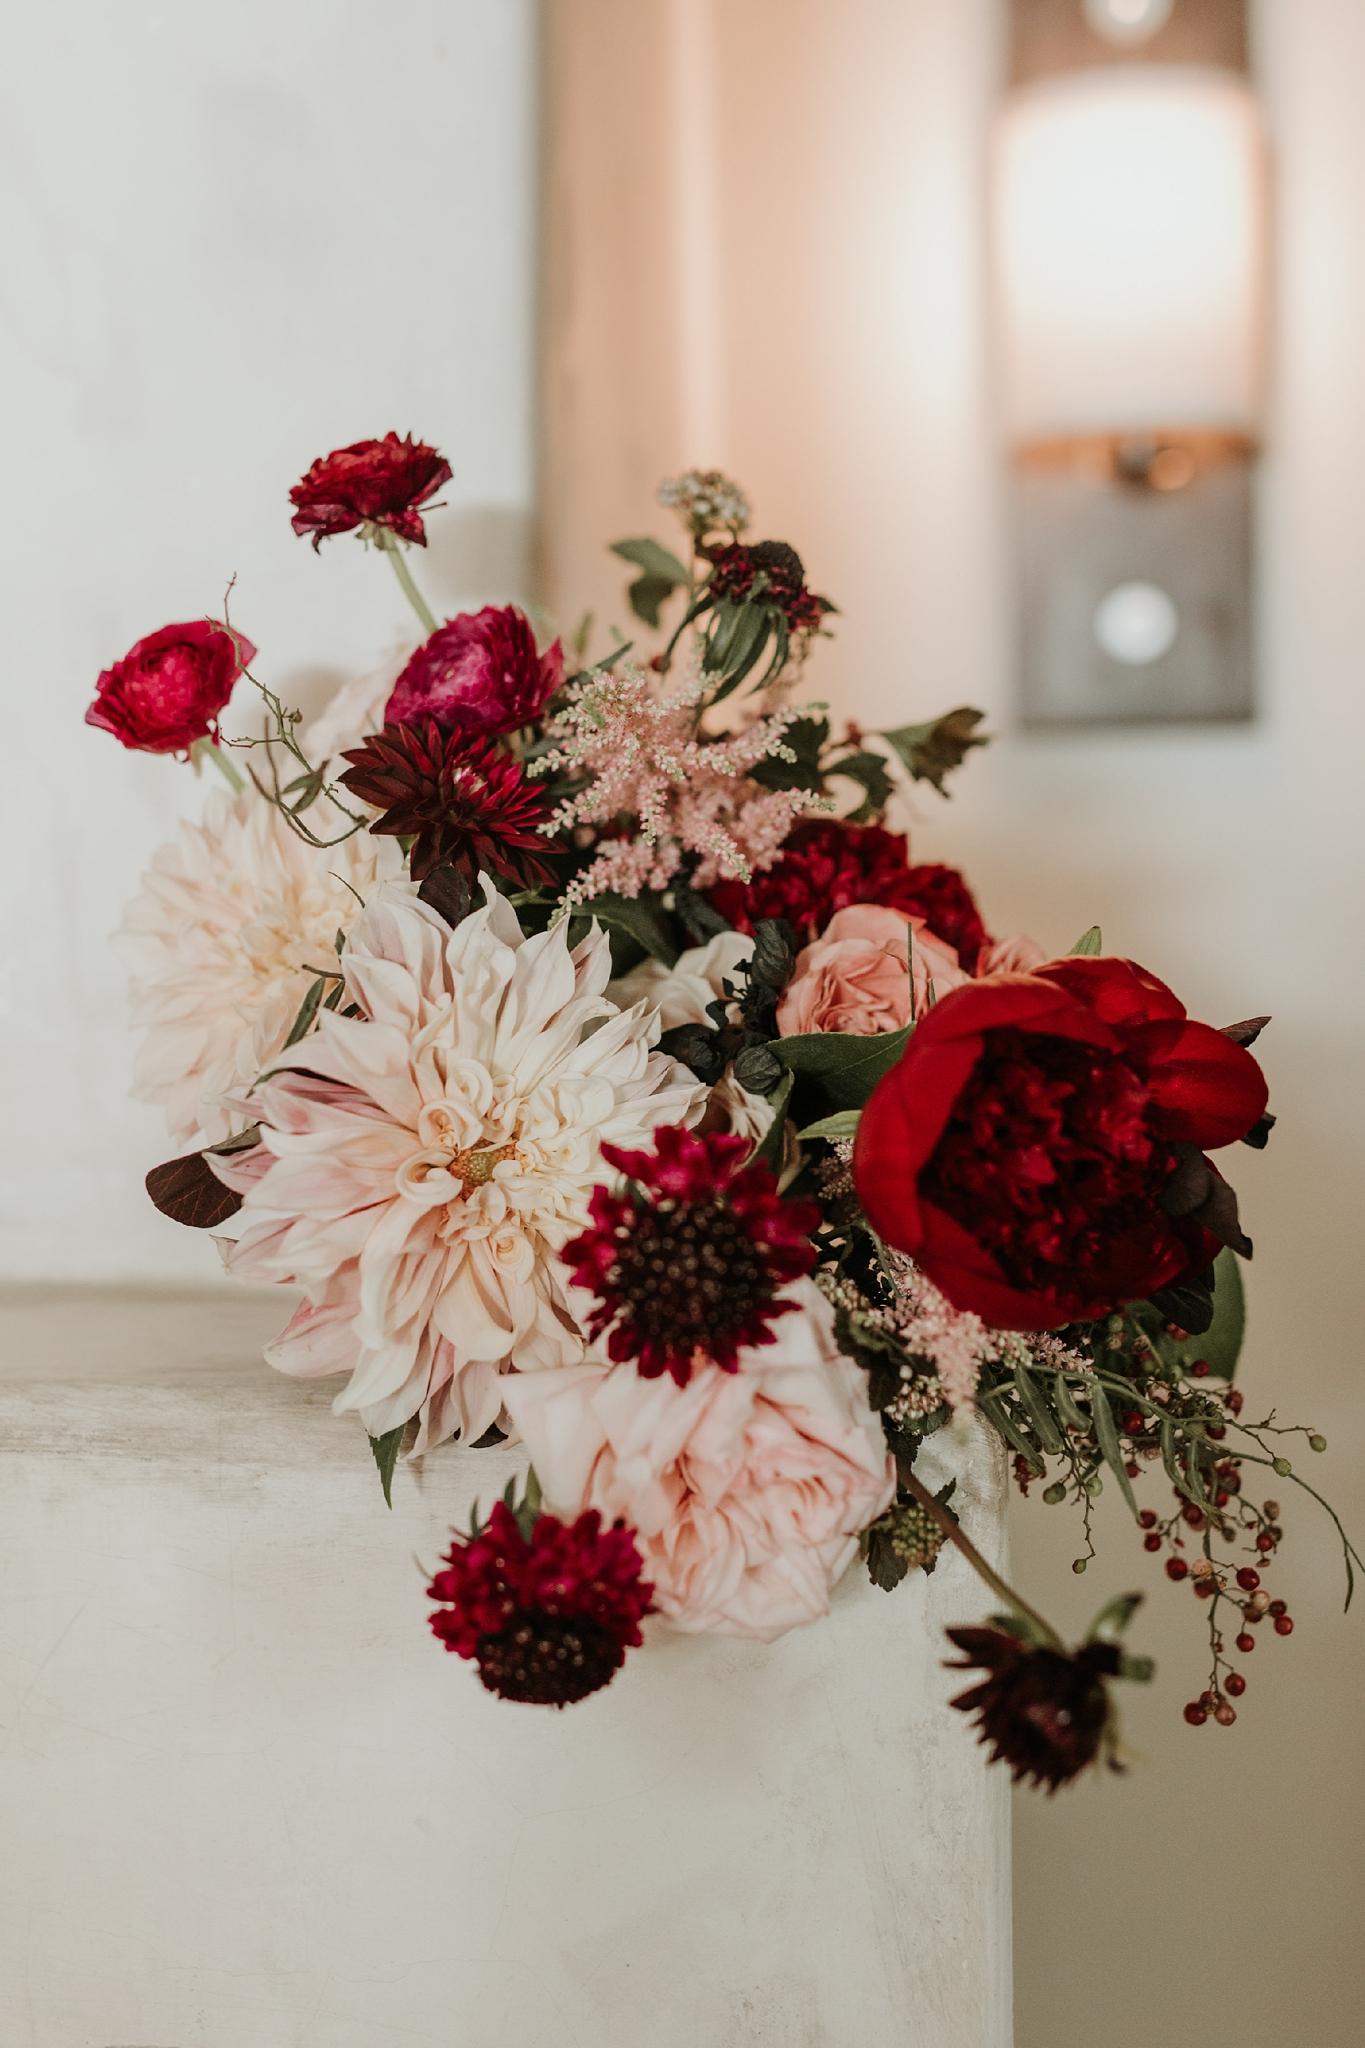 Alicia+lucia+photography+-+albuquerque+wedding+photographer+-+santa+fe+wedding+photography+-+new+mexico+wedding+photographer+-+new+mexico+wedding+-+new+mexico+florist+-+floriography+flowers+-+floriography+flowers+new+mexico+-+wedding+florist_0044.jpg